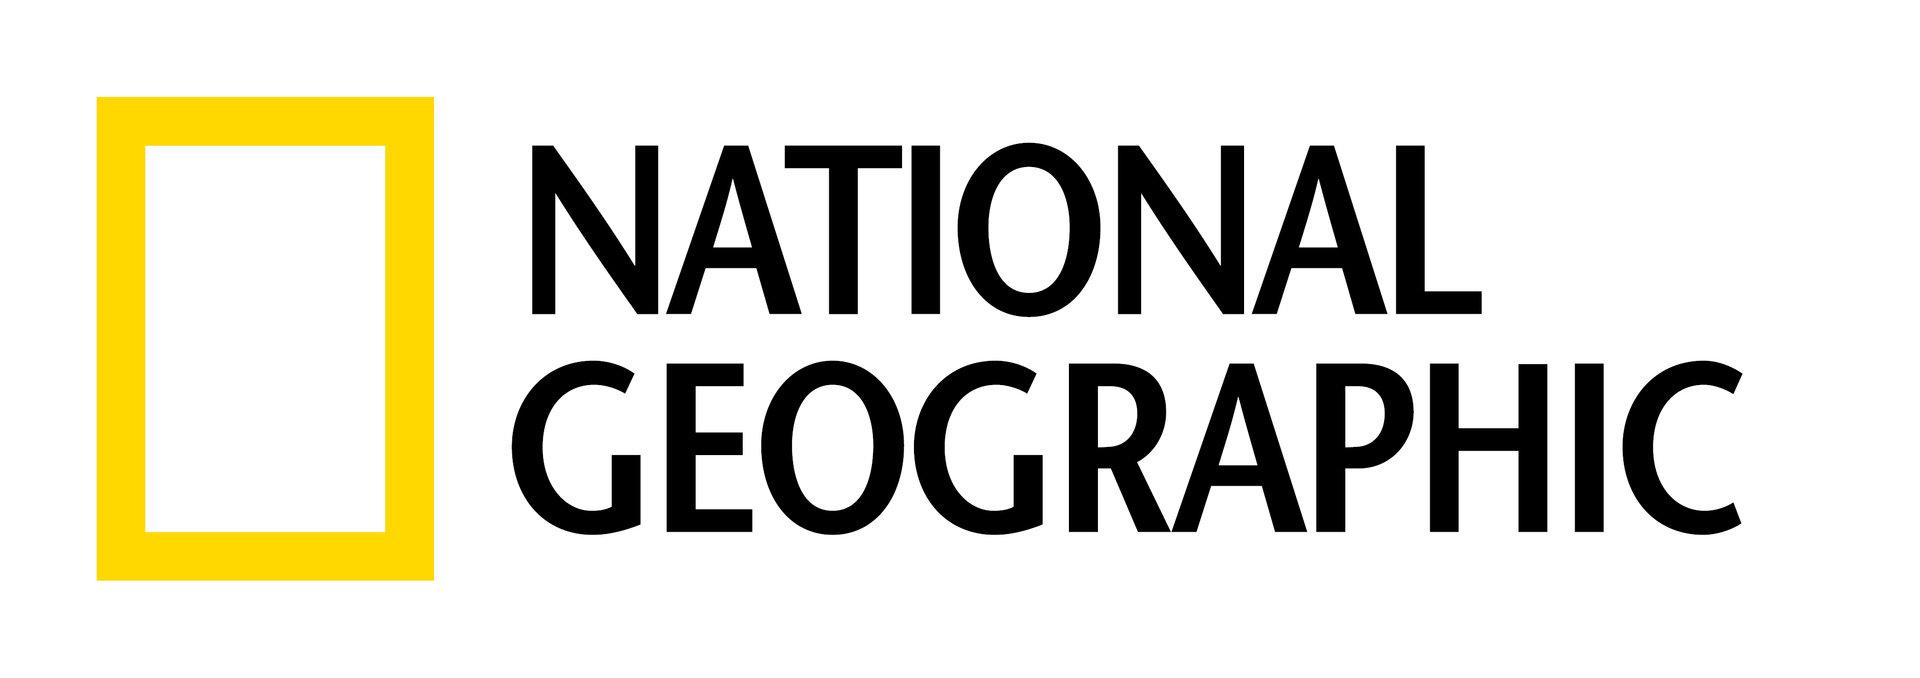 Bear Grylls, Gordon Ramsay, Jeff Goldblum i Julianna Margulies w nowych produkcjach National Geographic